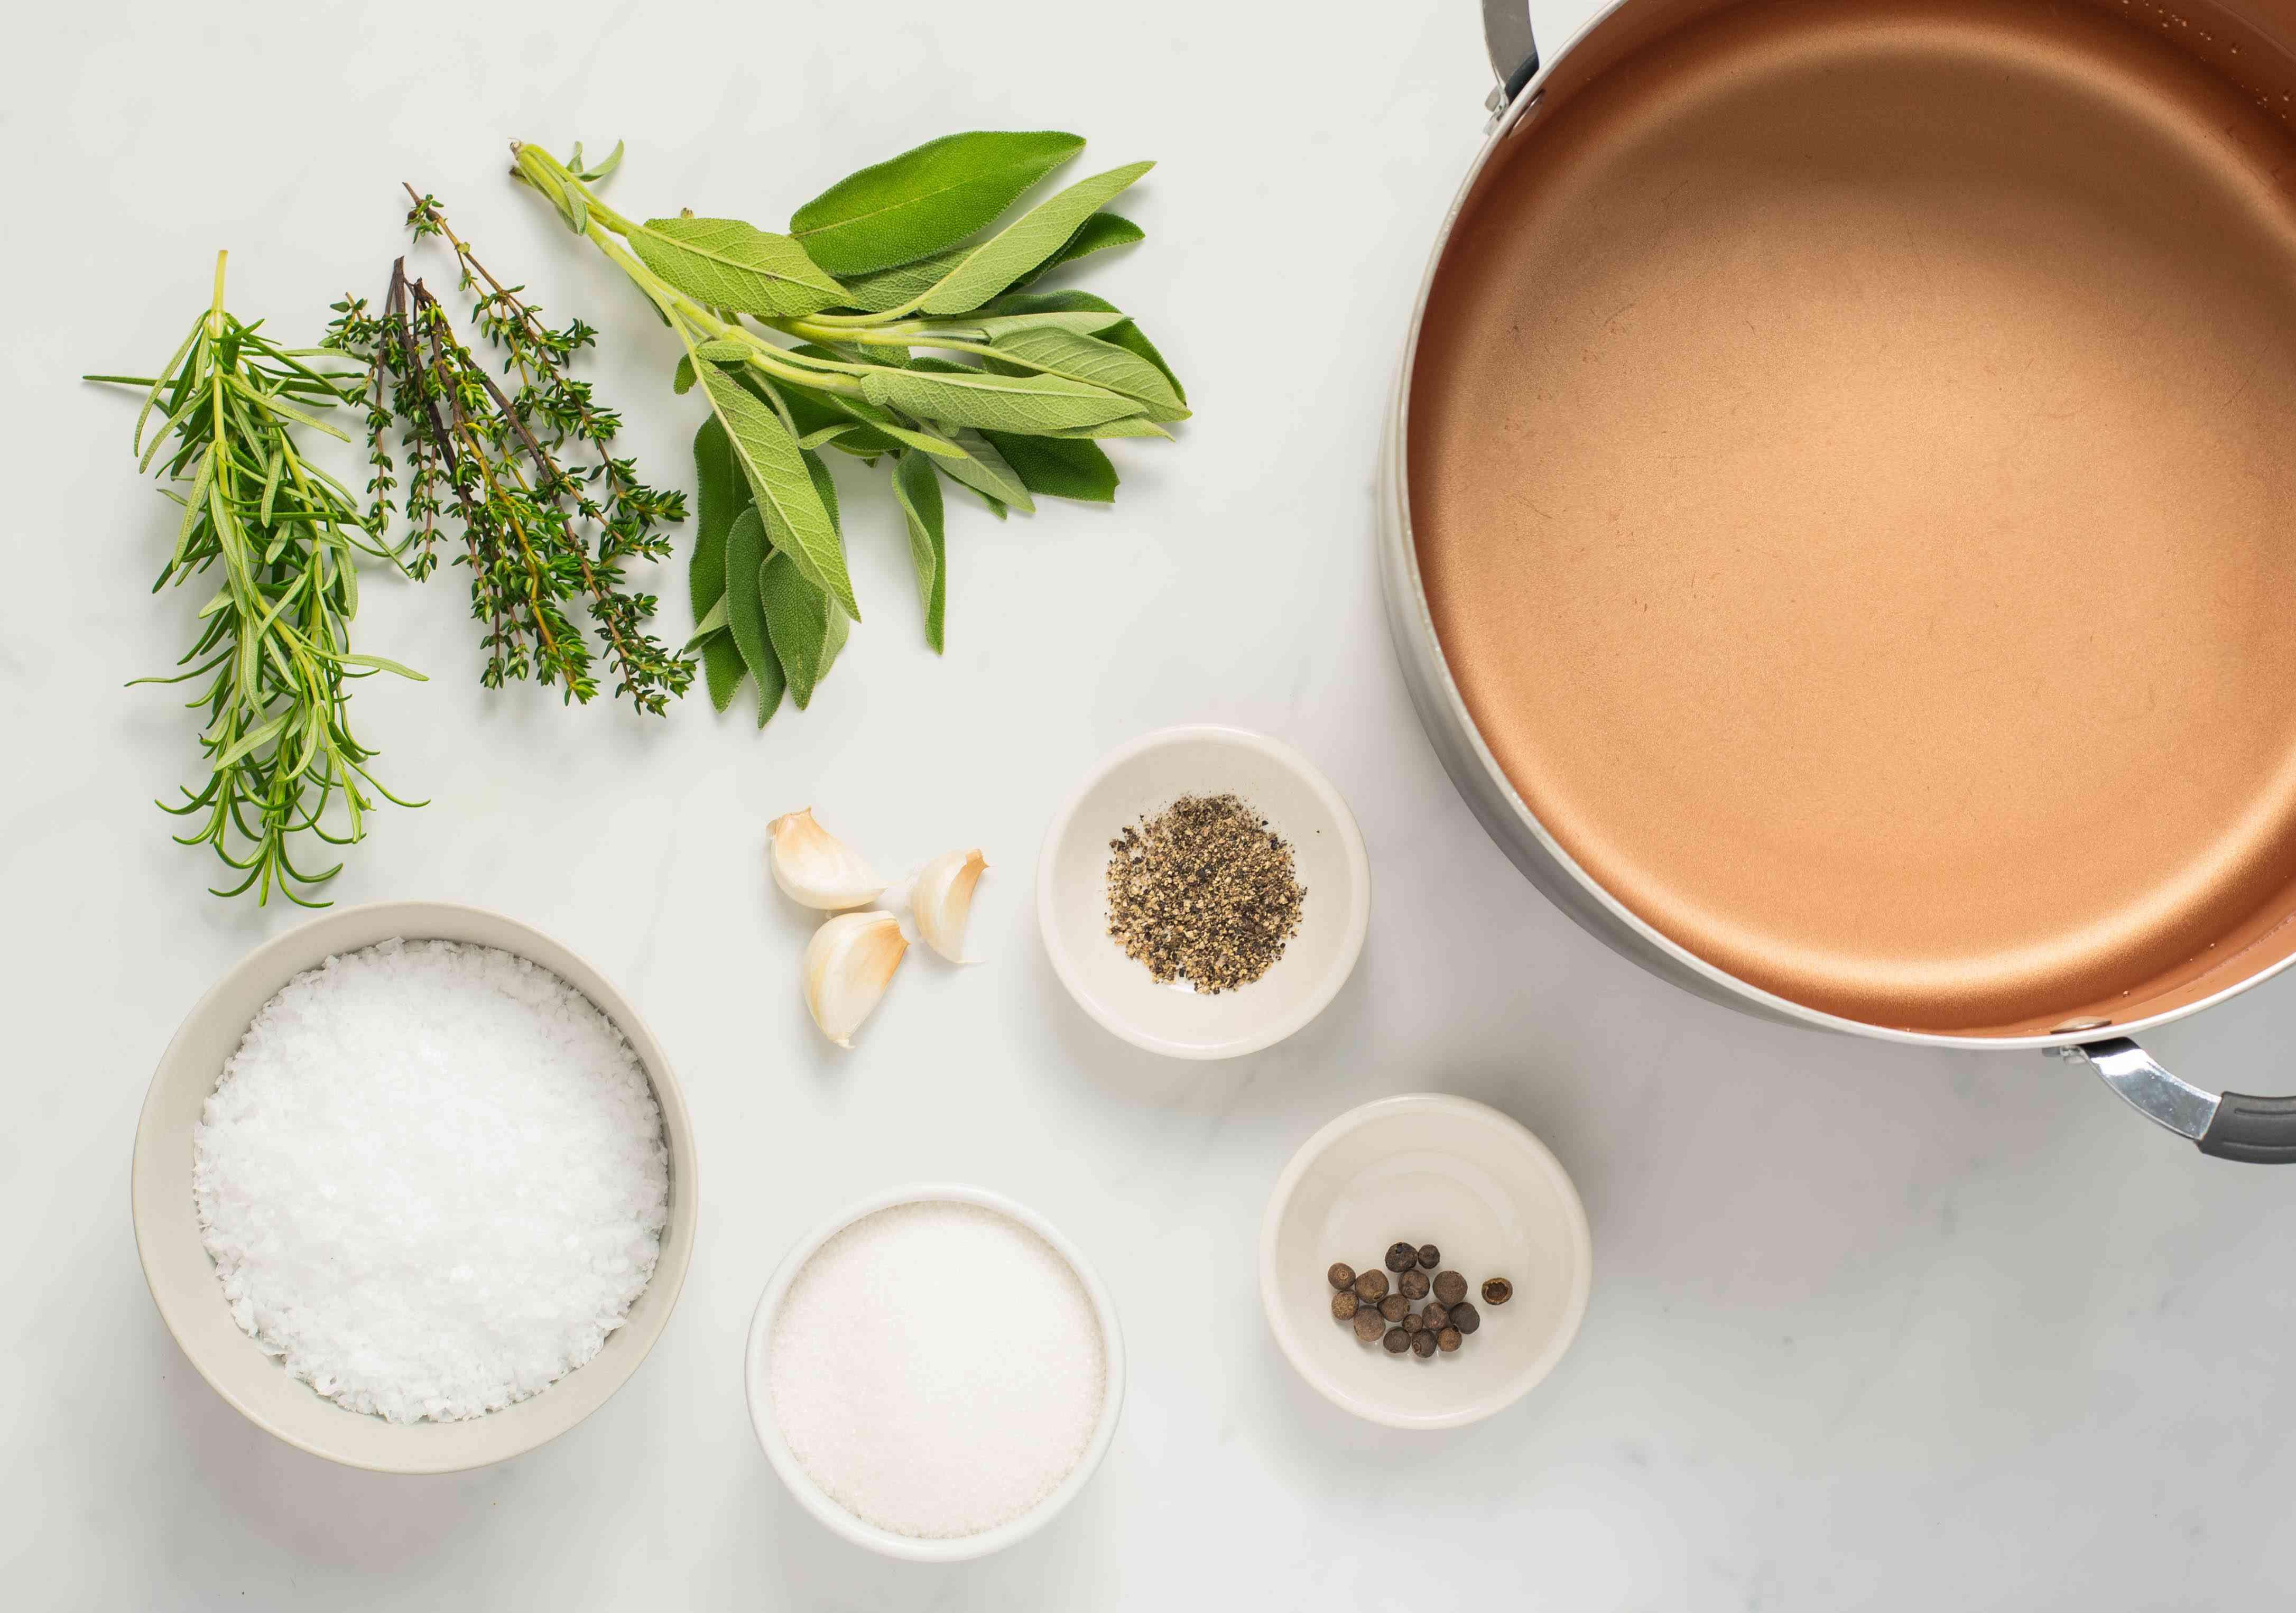 Ingredients for basic turkey brine